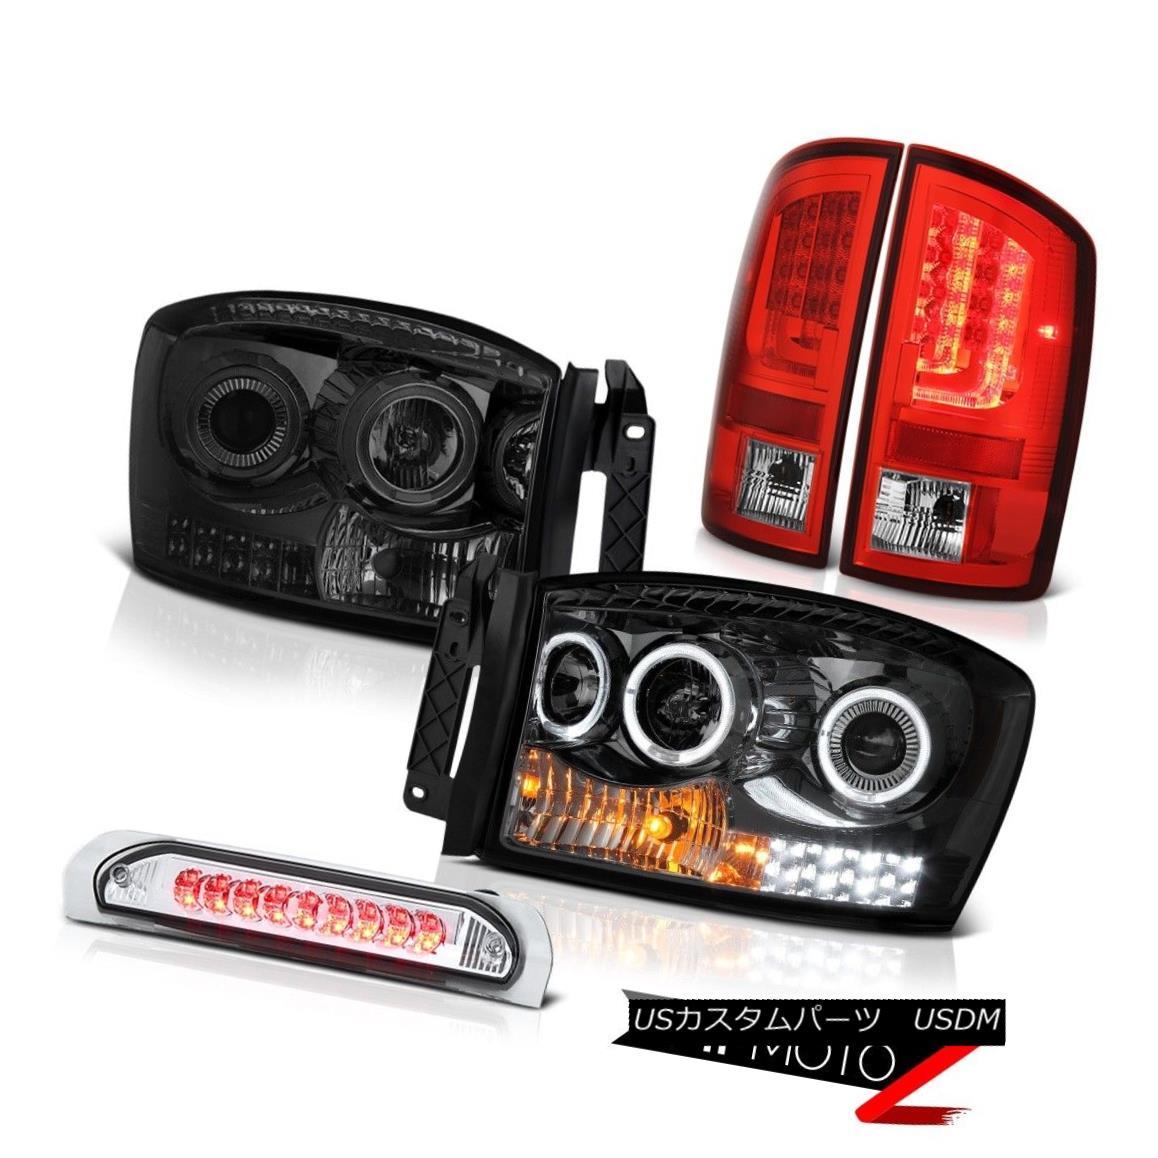 テールライト 07-08 Dodge Ram 1500 5.9L Rosso Red Rear Brake Lamps Headlights High STop Light 07-08ダッジ・ラム1500 5.9Lロッソ・レッド・リア・ブレーキ・ランプヘッドライトハイ・ストップ・ライト